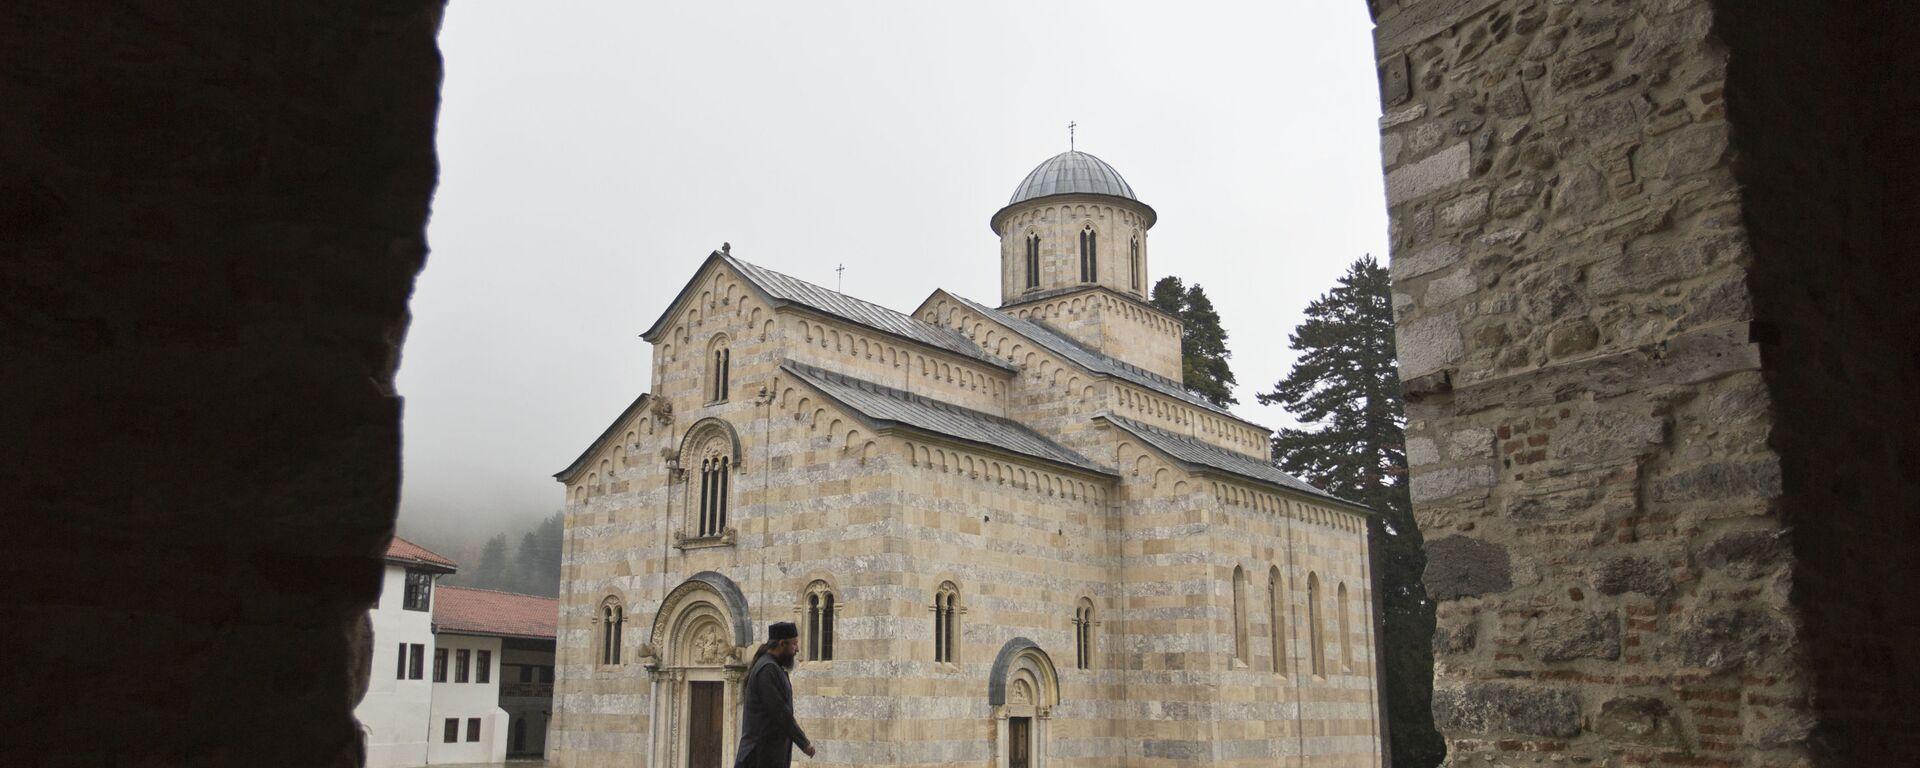 Манастир Високи Дечани - Sputnik Србија, 1920, 22.05.2021